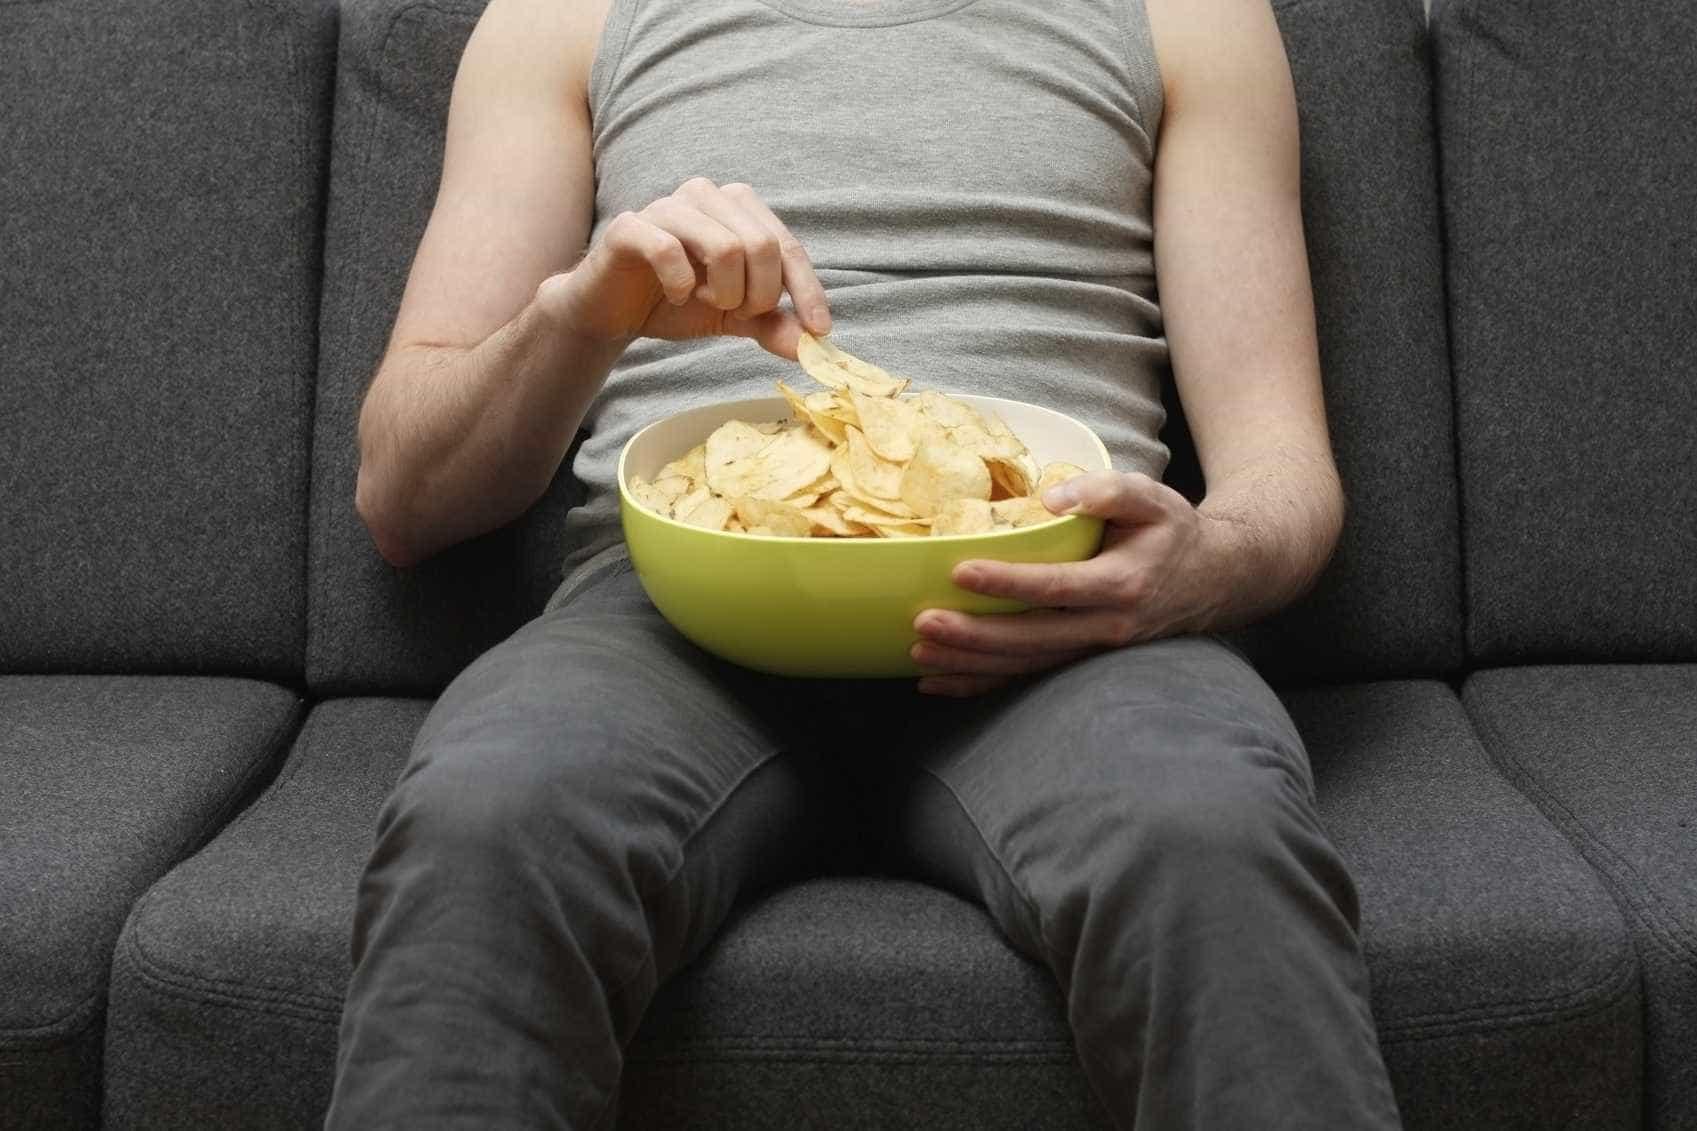 Há alimentos que desidratam o corpo. Conheça-os (e evite-os)